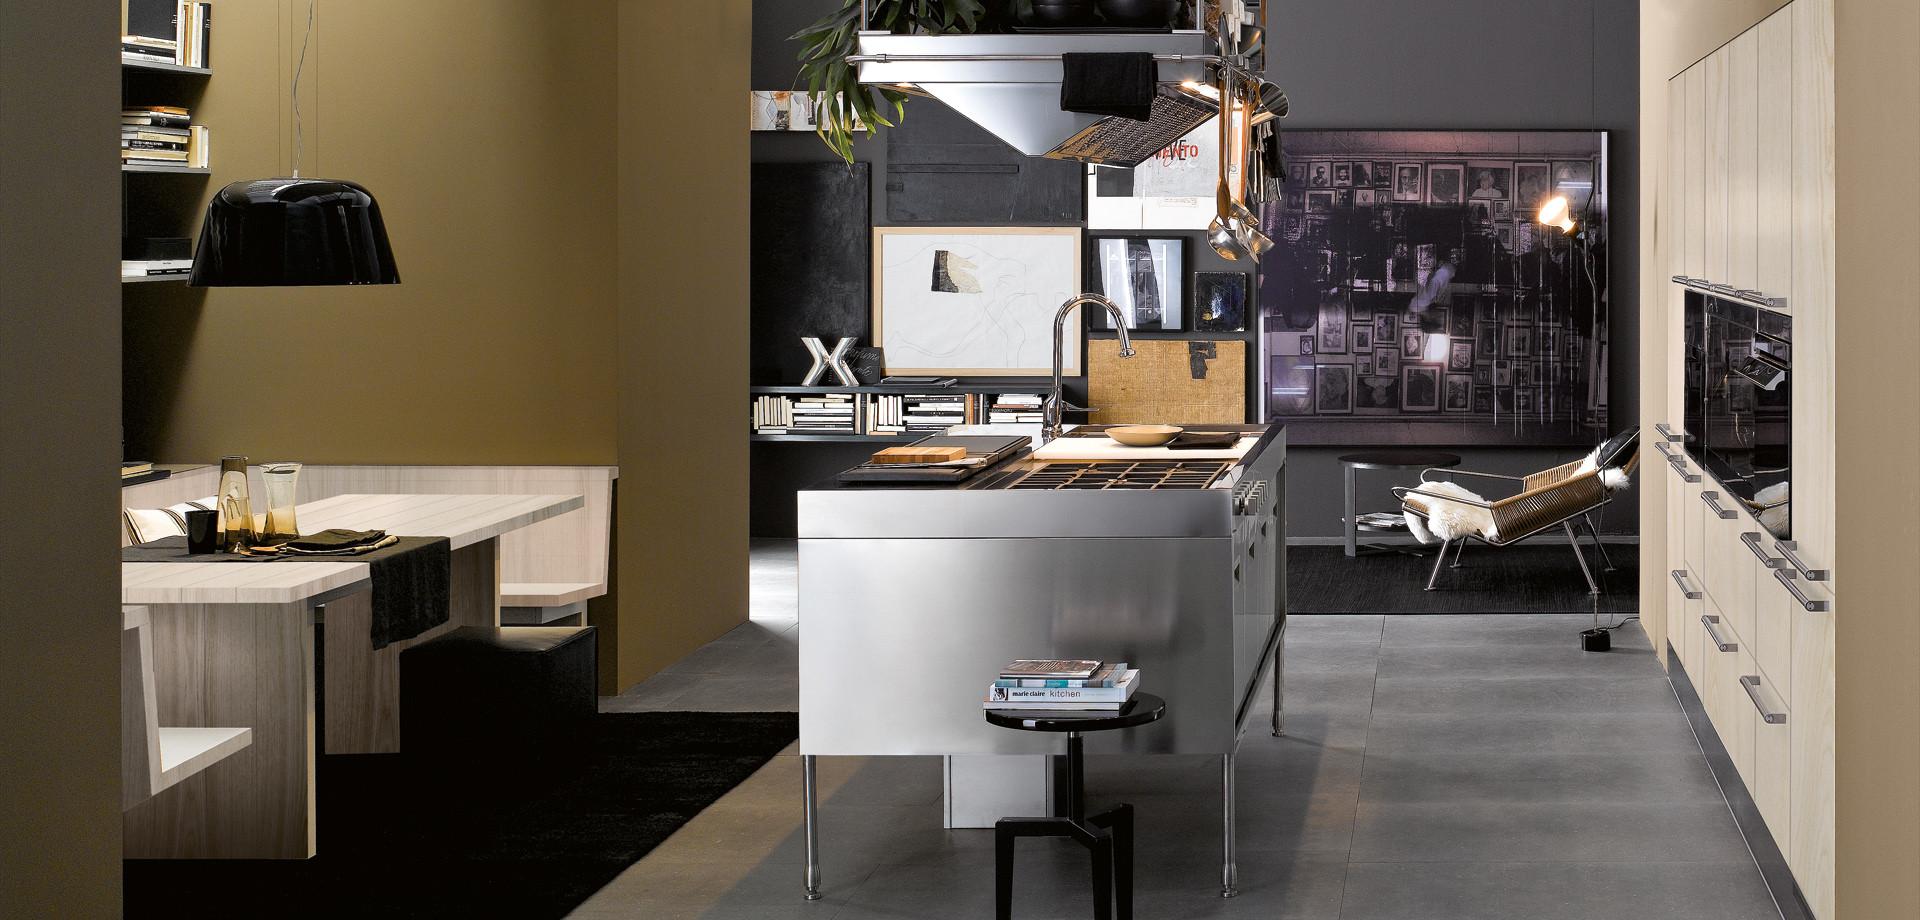 Mobilificio cucine cucine arredo in promozione presso il - Mobilificio di bari ...